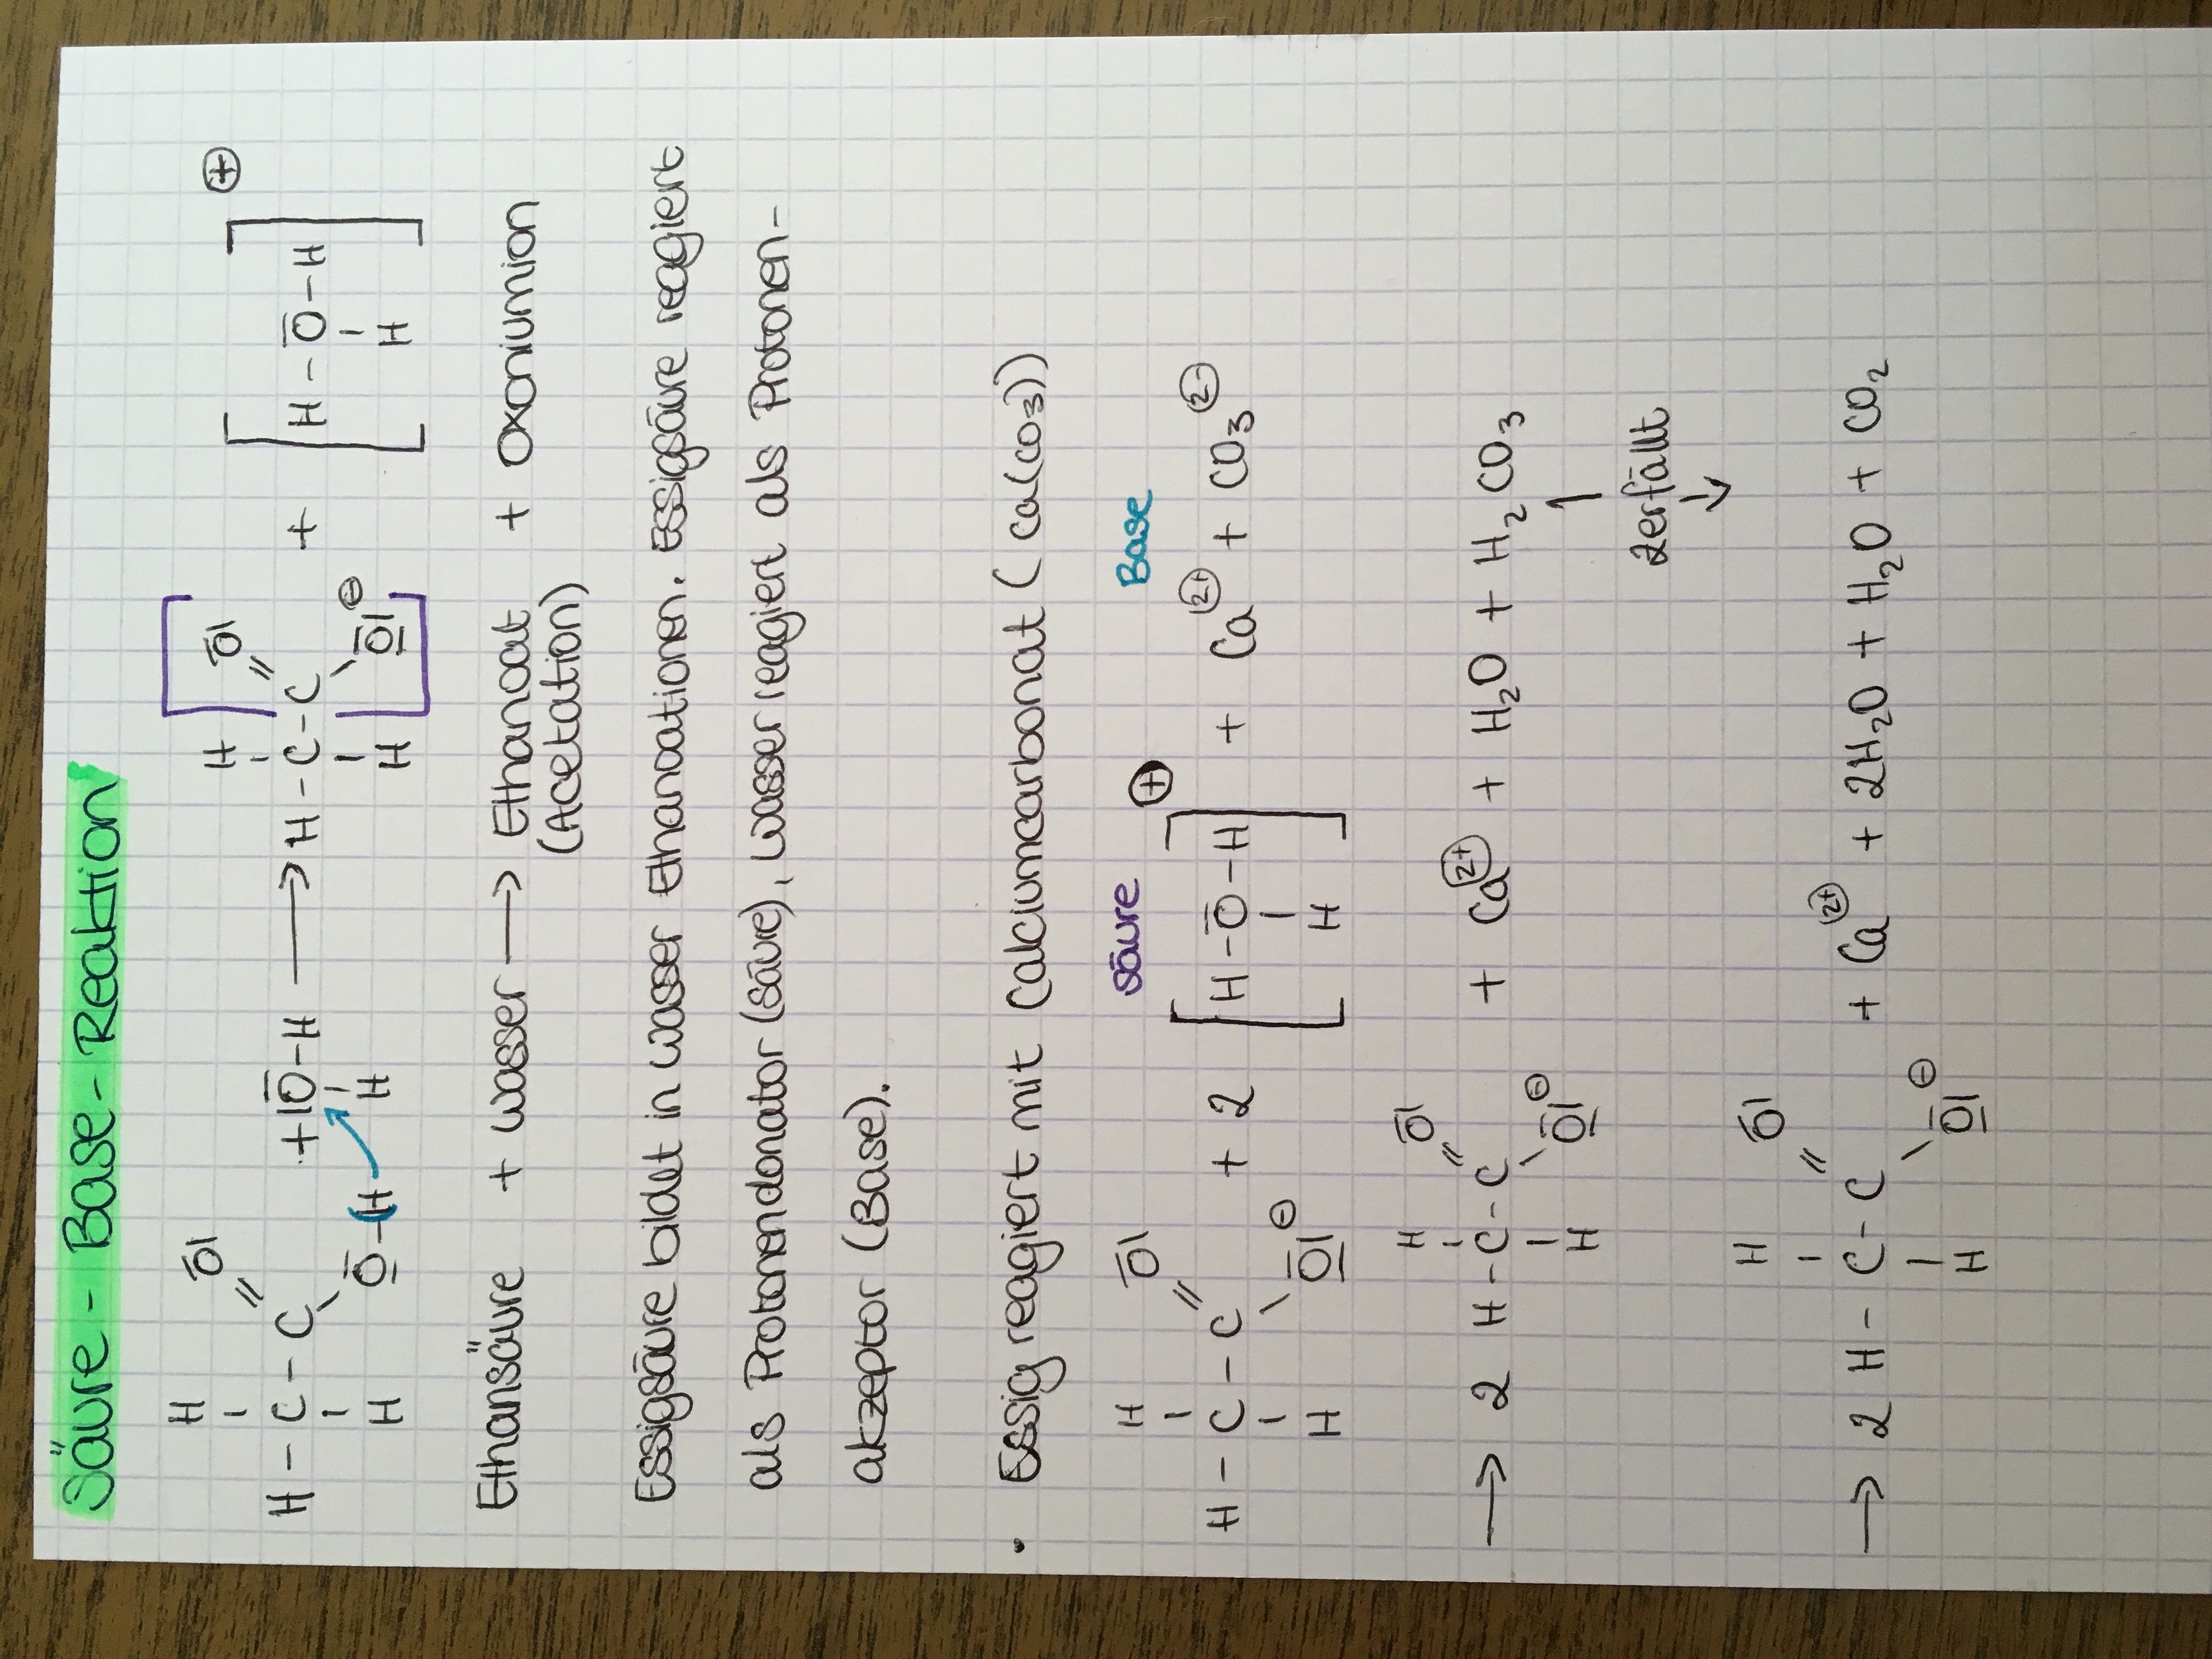 Säure-Base-Reaktion von Alkansäuren? (Schule, Chemie, organische Chemie)